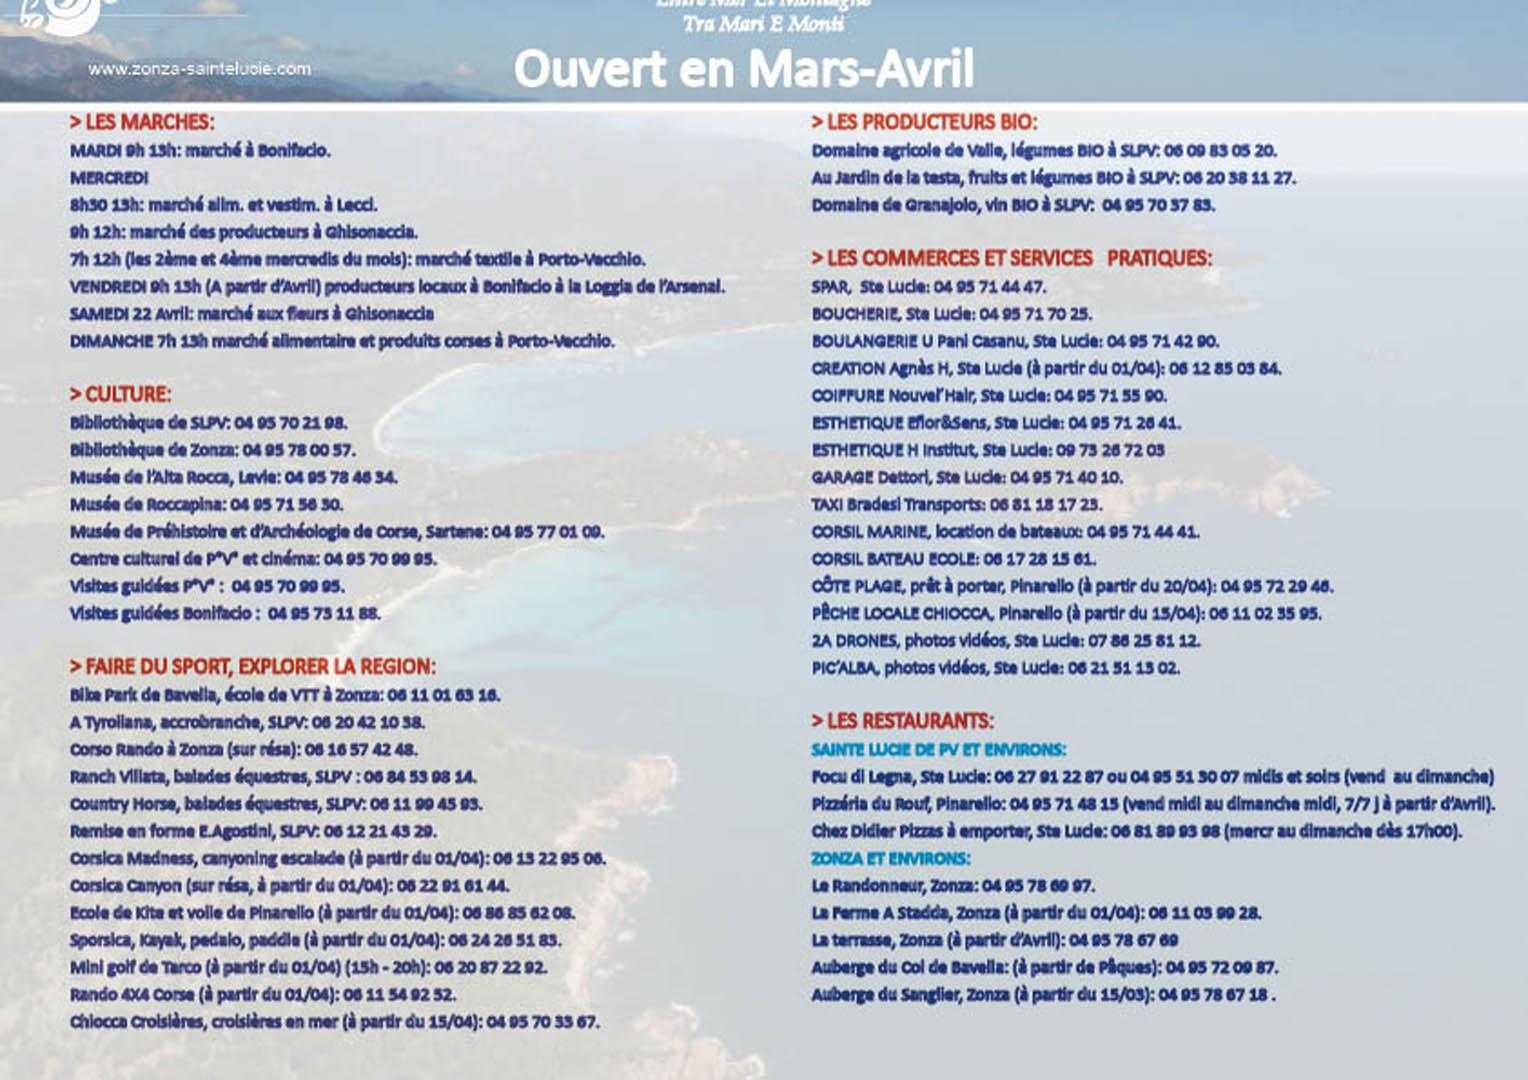 Affiche partenaires ouverts Mars Avril 2017